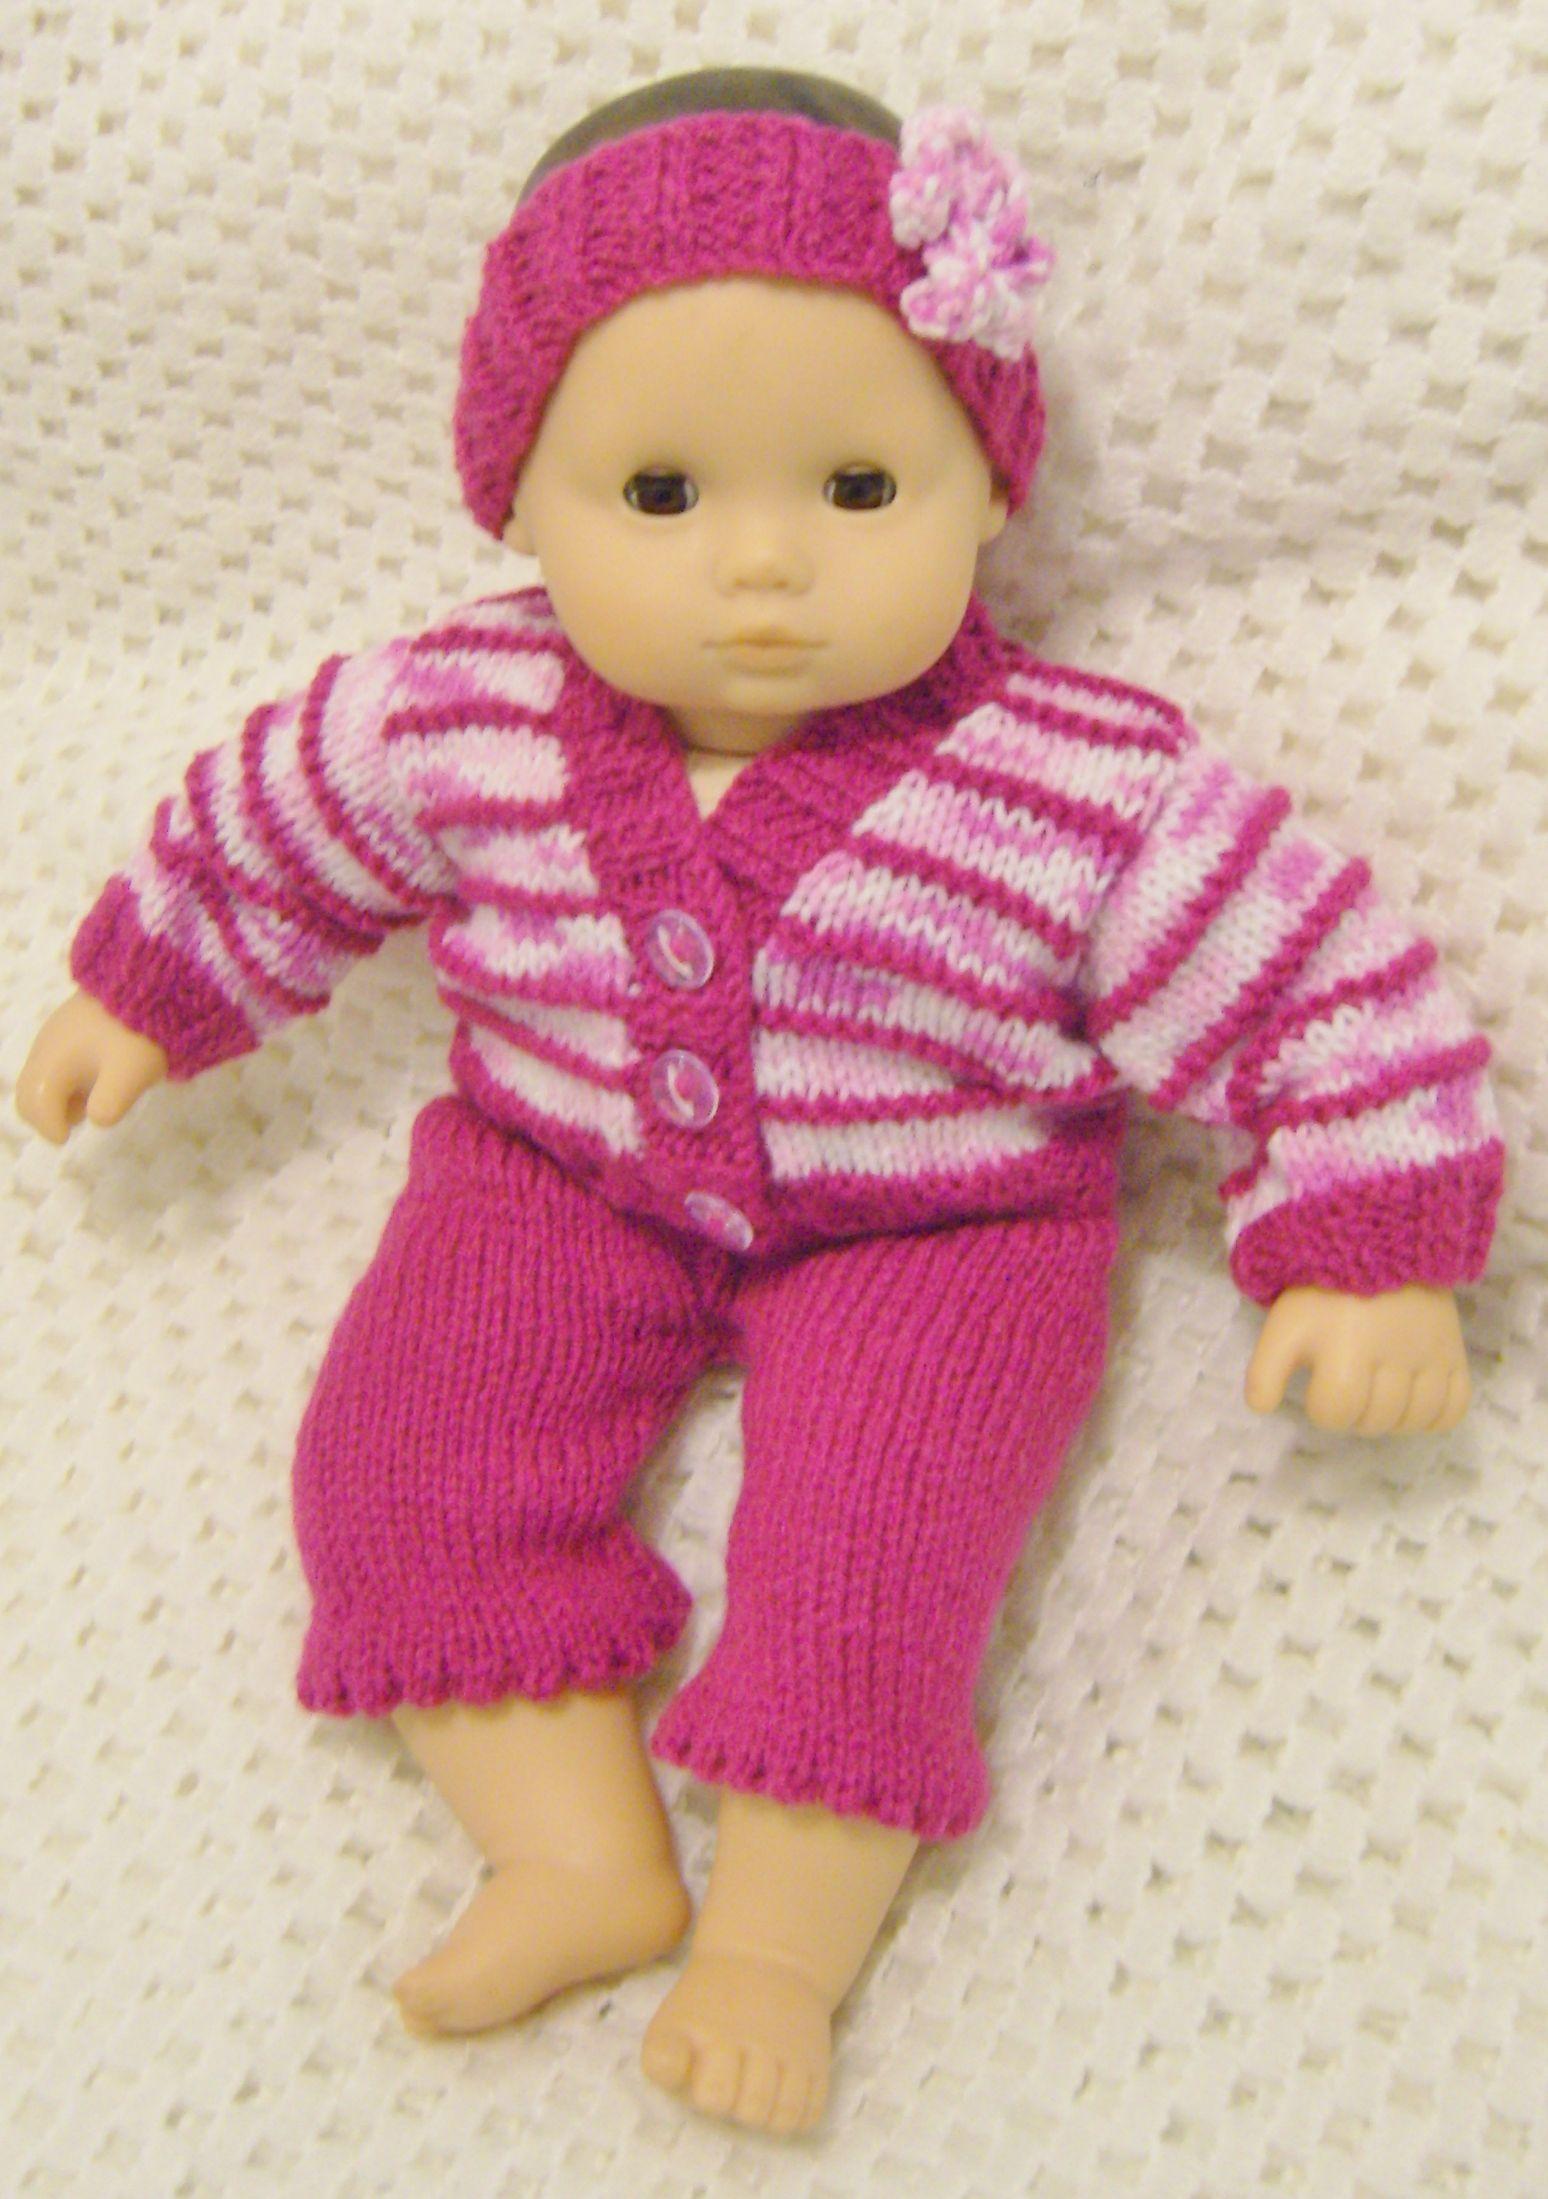 My Bitty Baby pattern on ravelry Dolls Pinterest